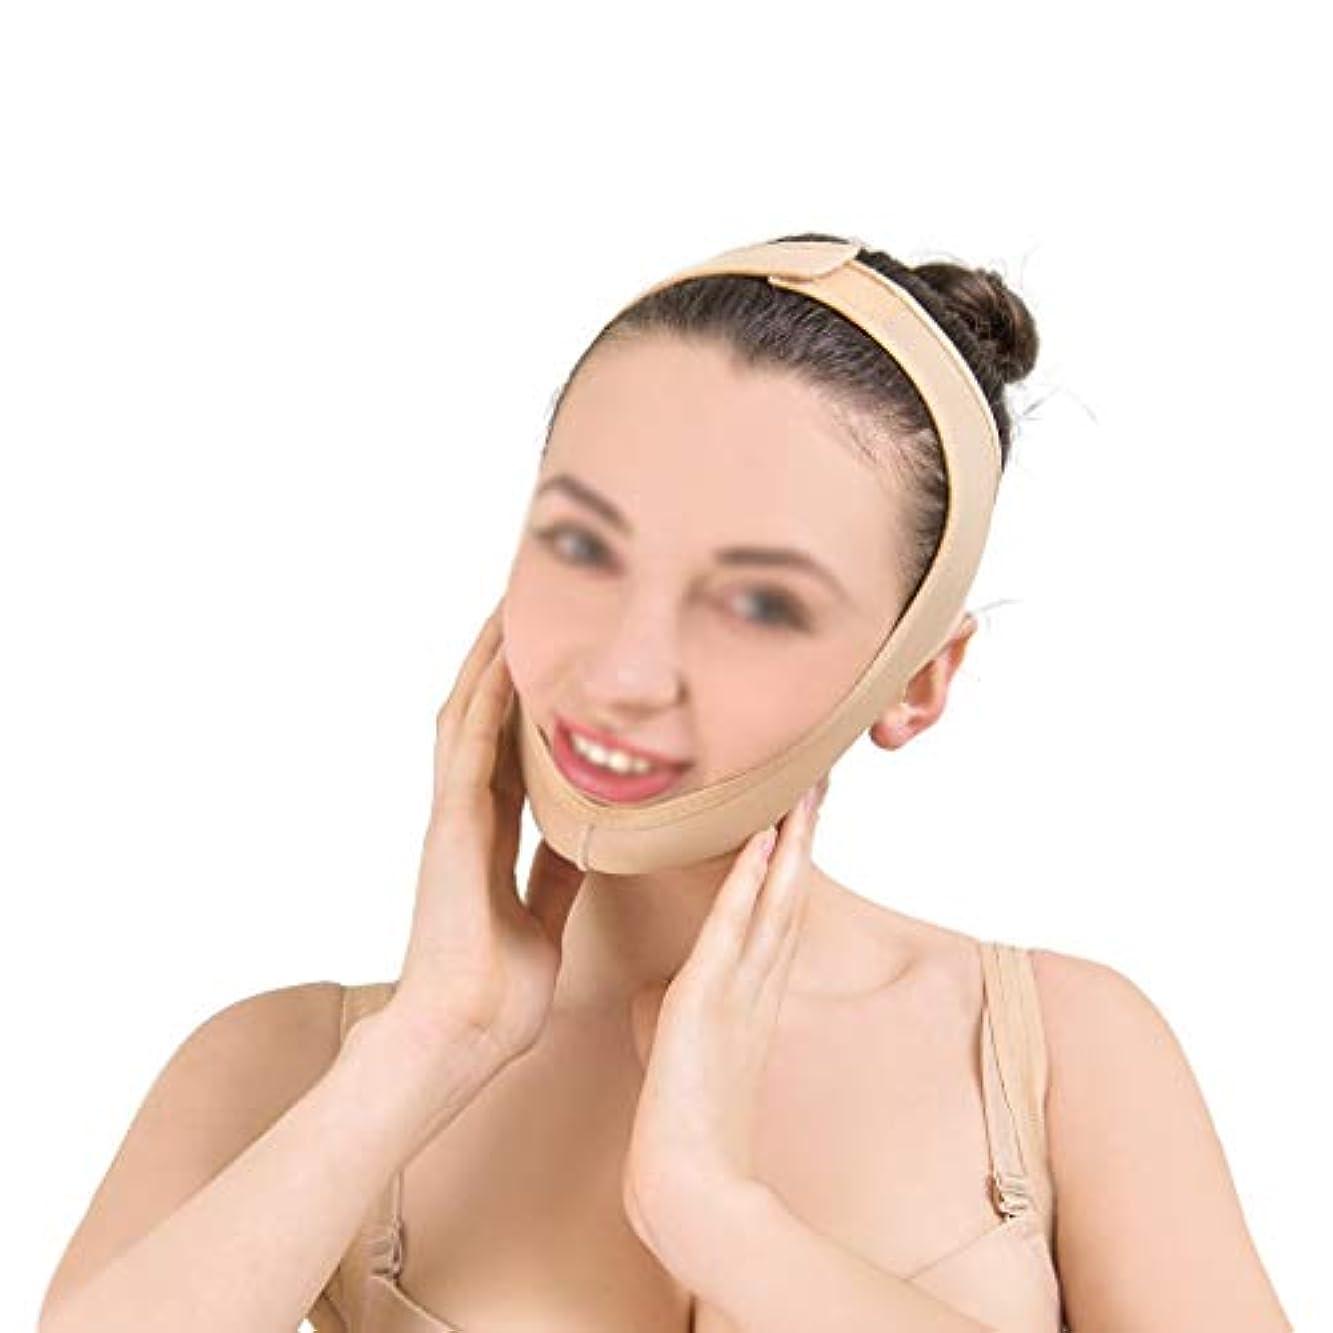 キャッチ高める寓話フェイスシェイピングベルト、肌の包帯の持ち上げと締め付け、フェイスベルトの持ち上げ、快適で通気性のあるフェイシャルリフティングマスク (Size : M)